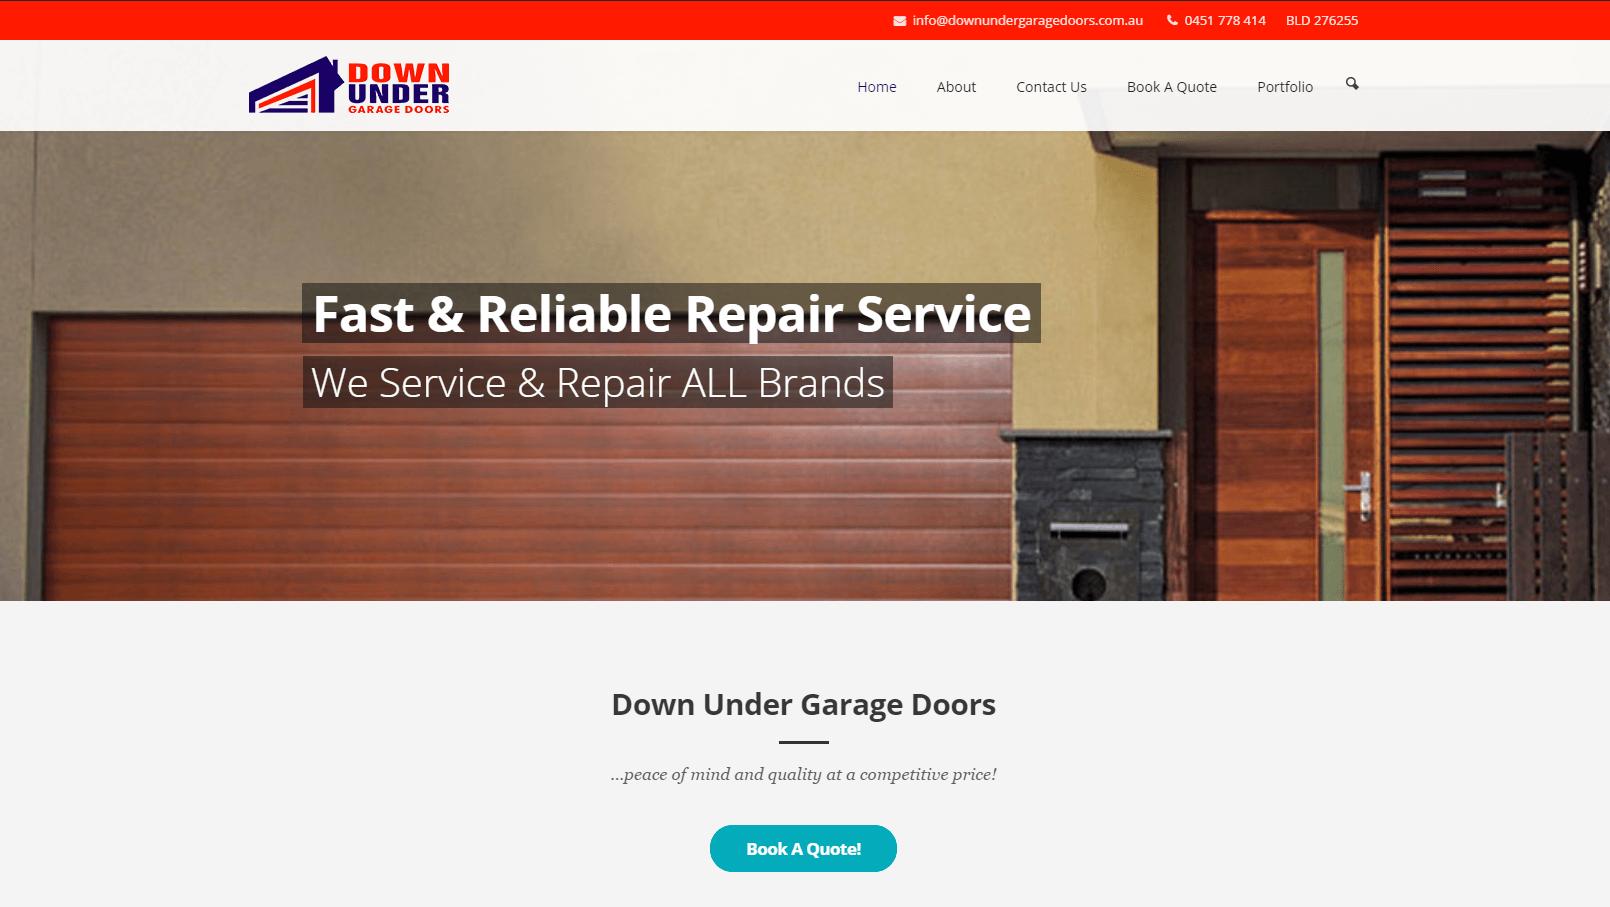 Down Under Garage Doors Now Online Stretchit